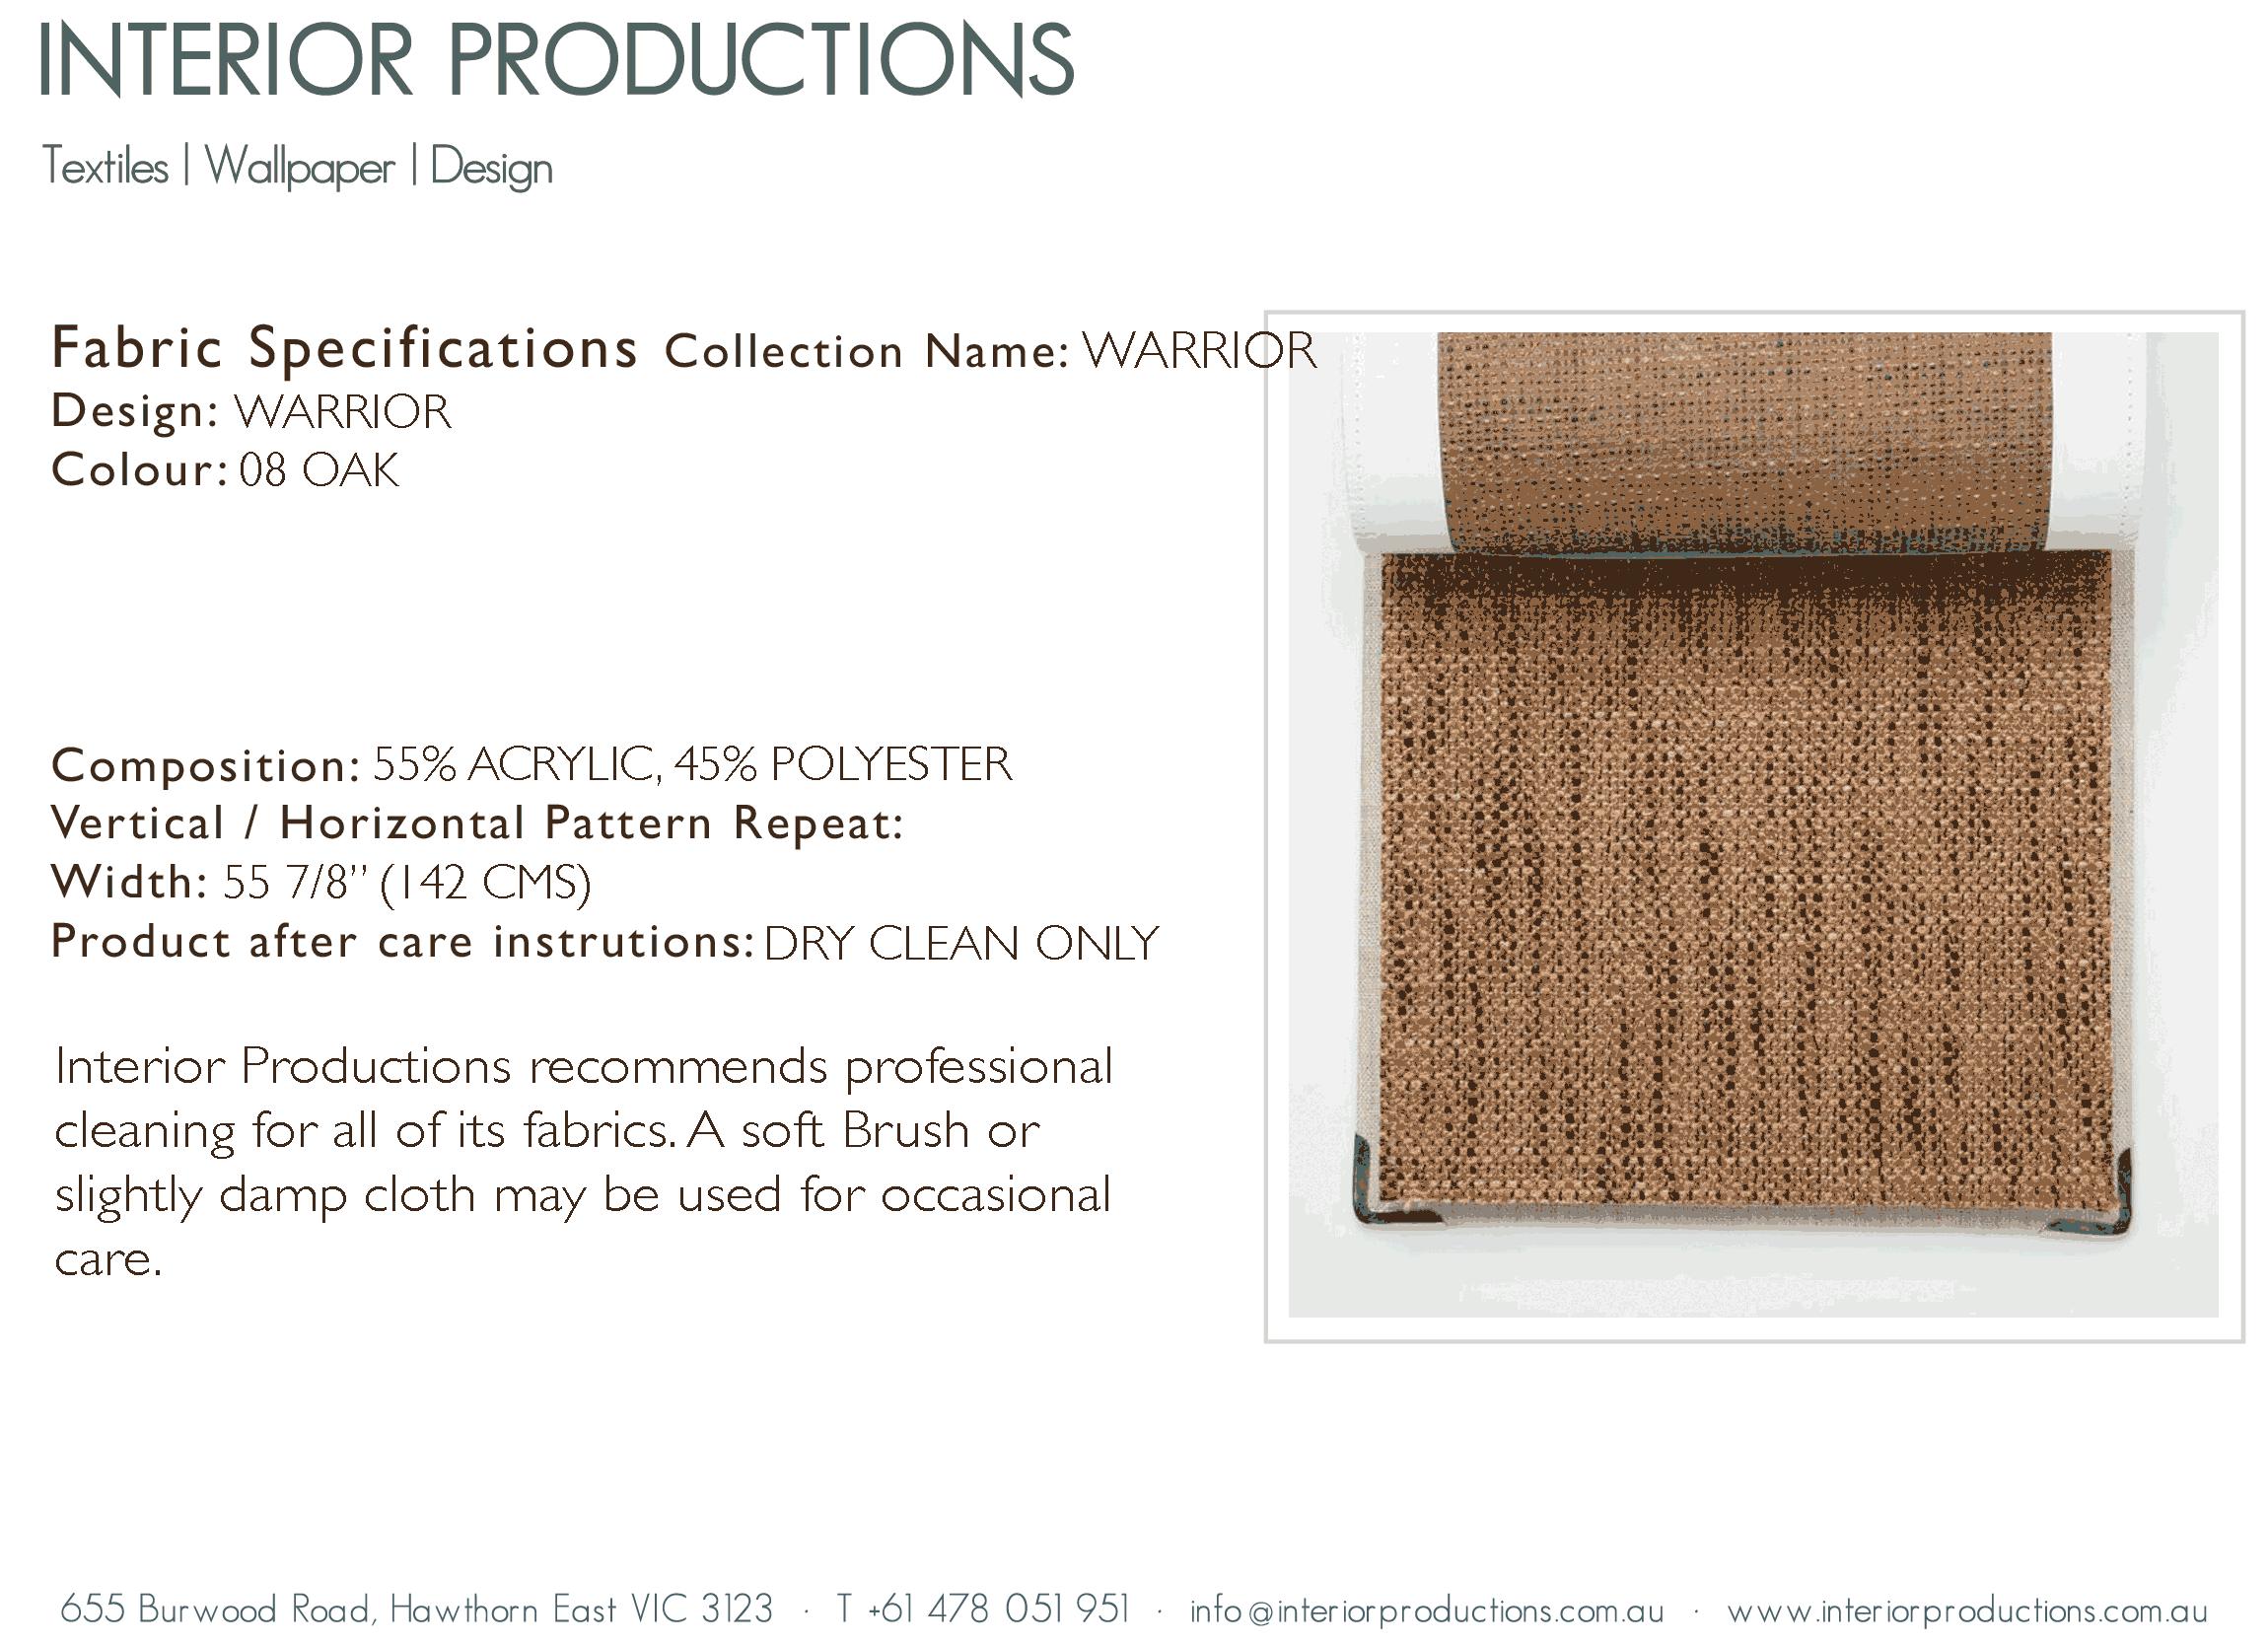 interior_productions_WARRIOR---08-OAK